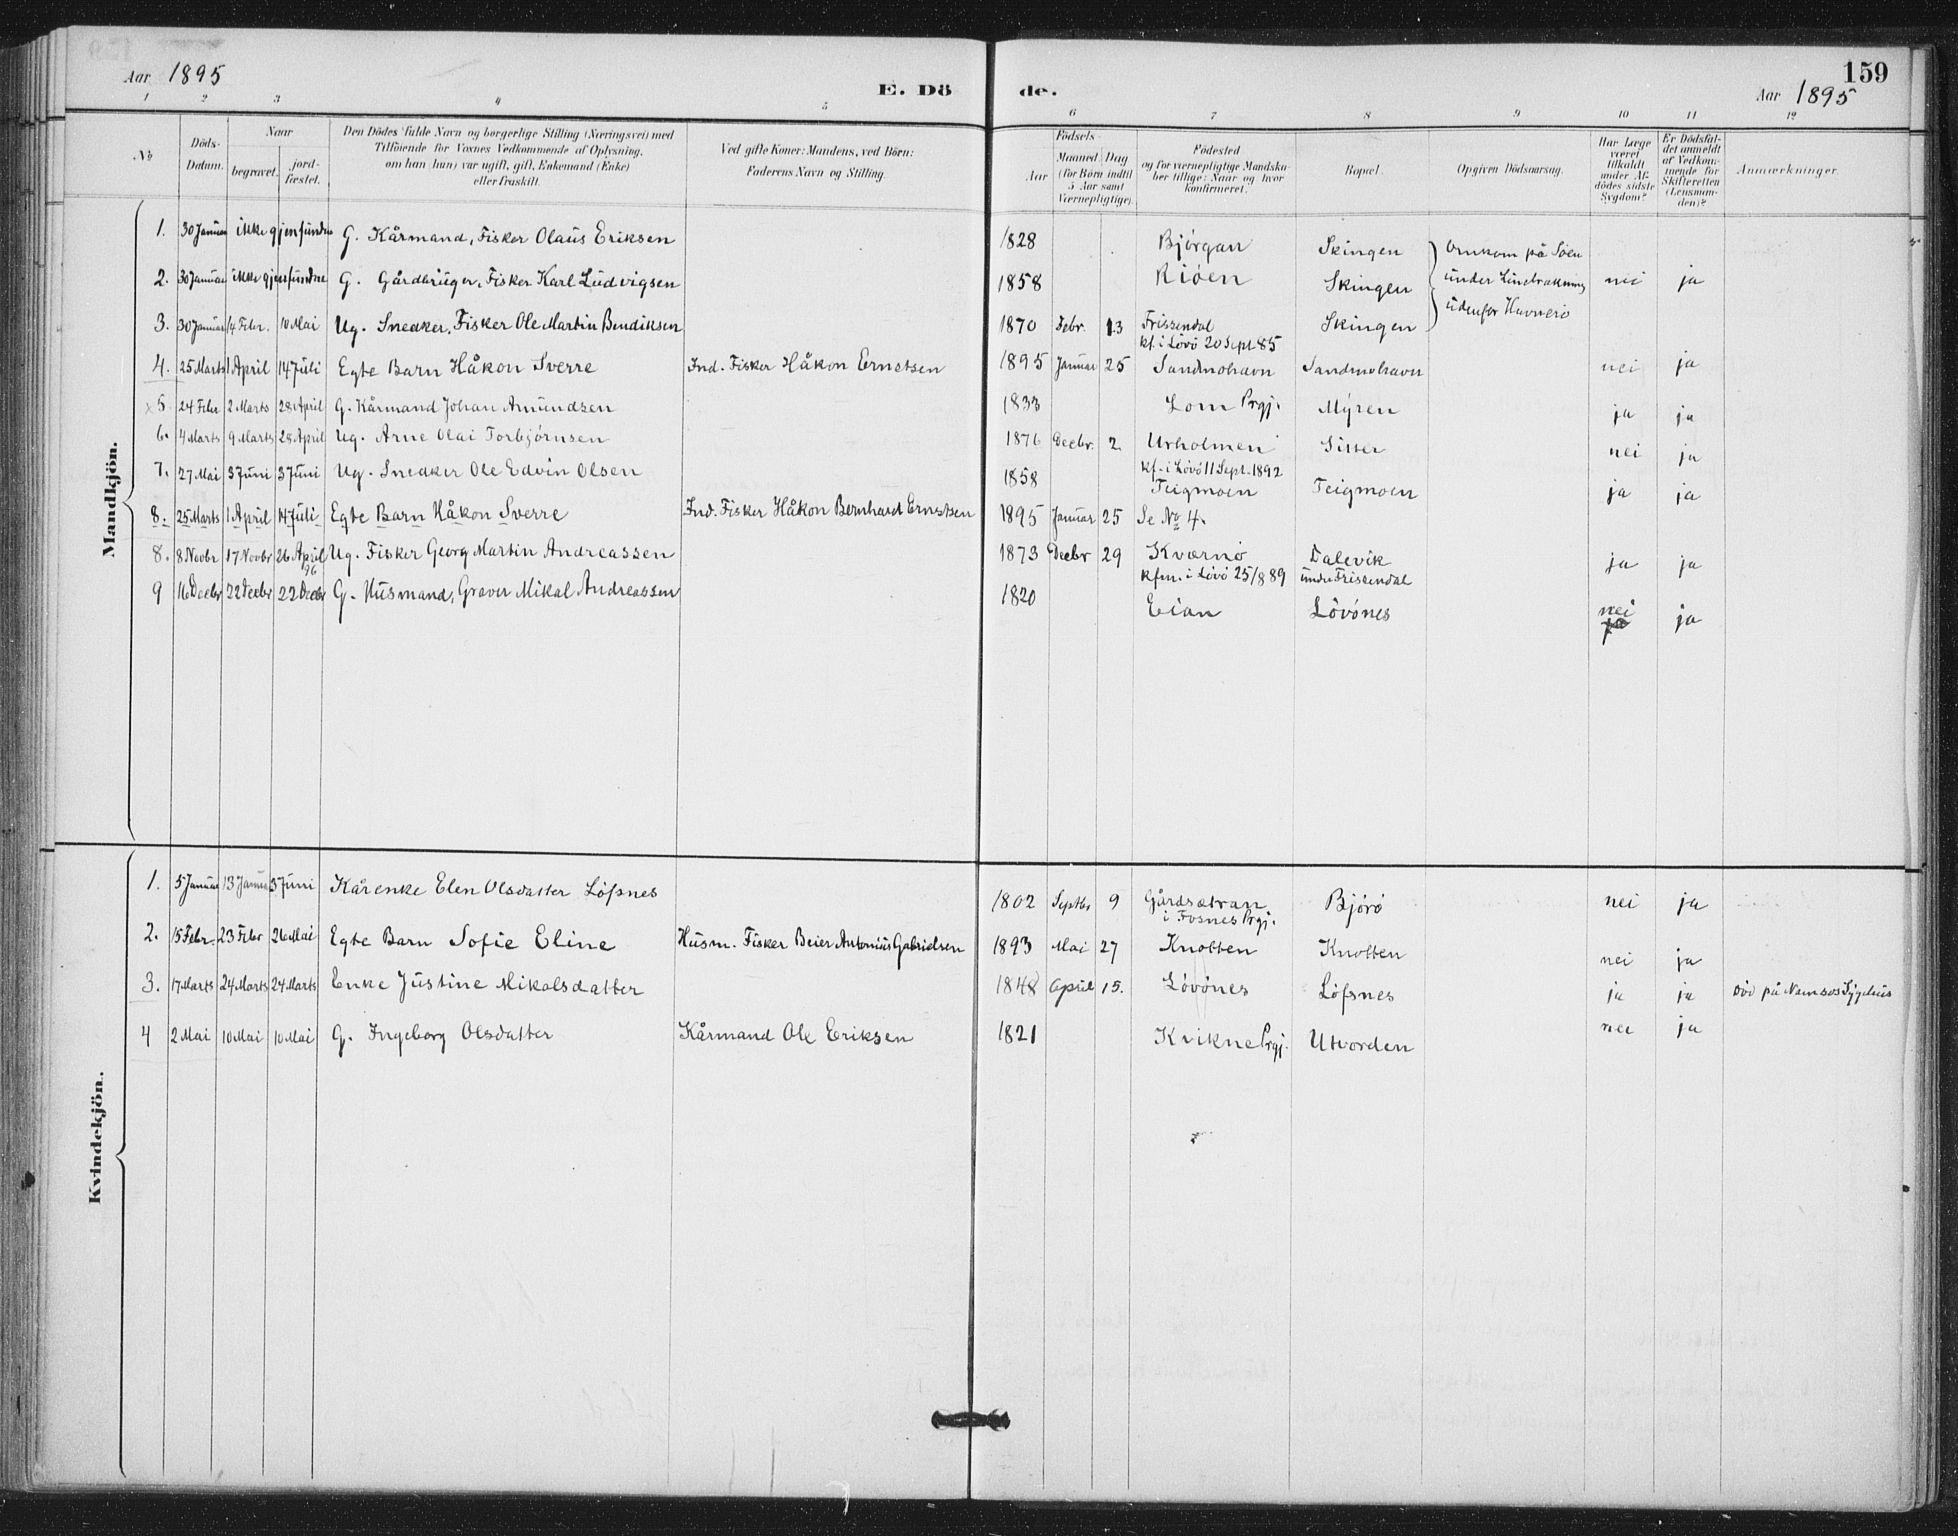 SAT, Ministerialprotokoller, klokkerbøker og fødselsregistre - Nord-Trøndelag, 772/L0603: Ministerialbok nr. 772A01, 1885-1912, s. 159